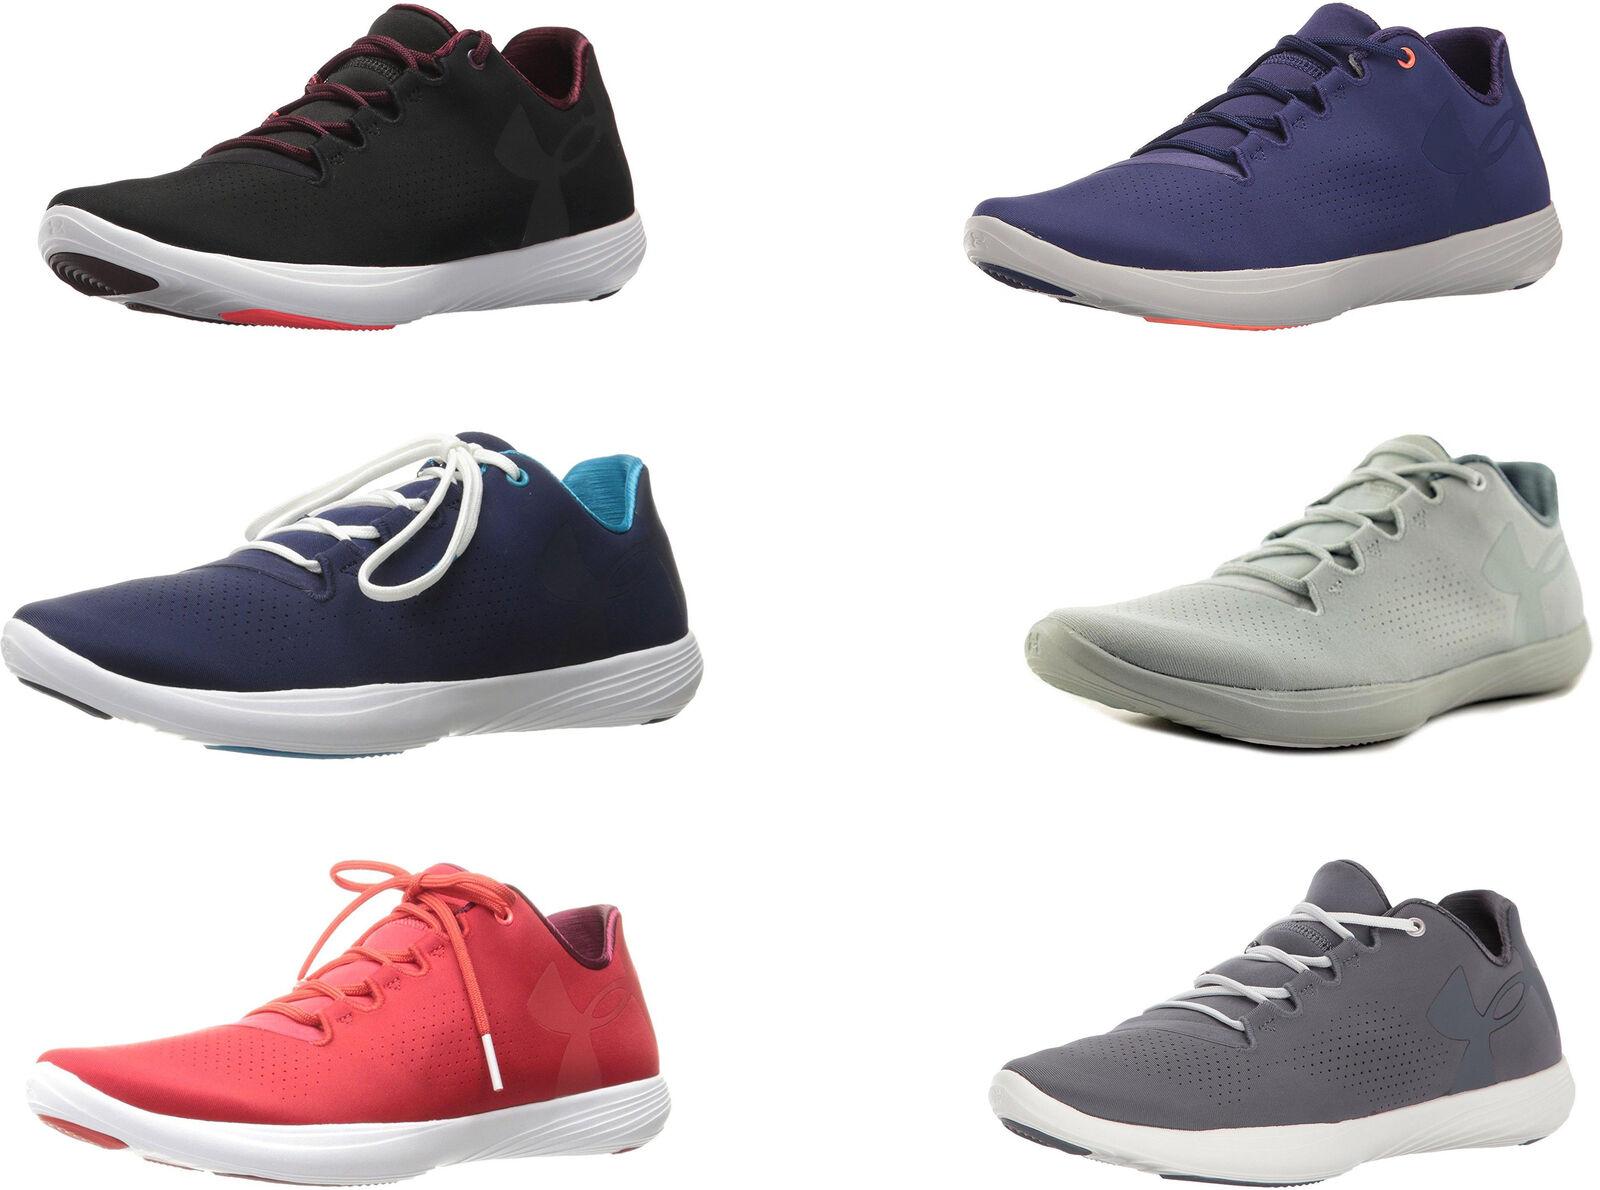 Under Armour Women's Street Precision Low Shoes, 6 Colors